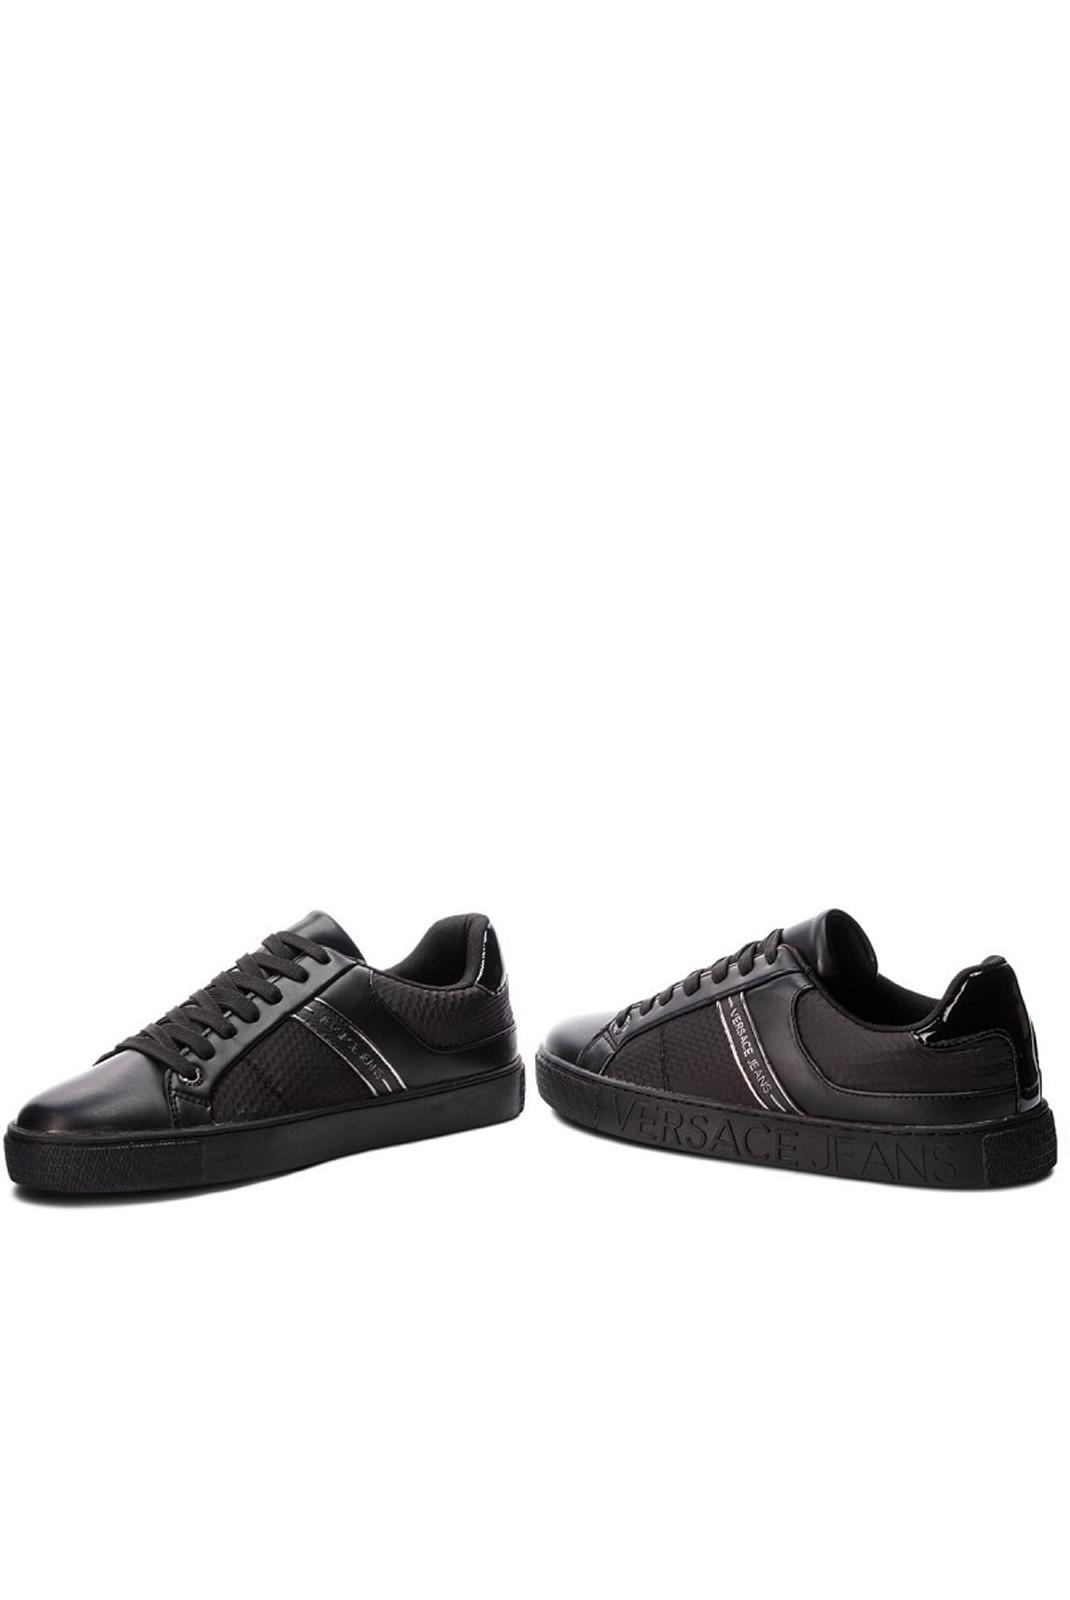 Baskets / Sport  Versace Jeans YSBSF4 899 black